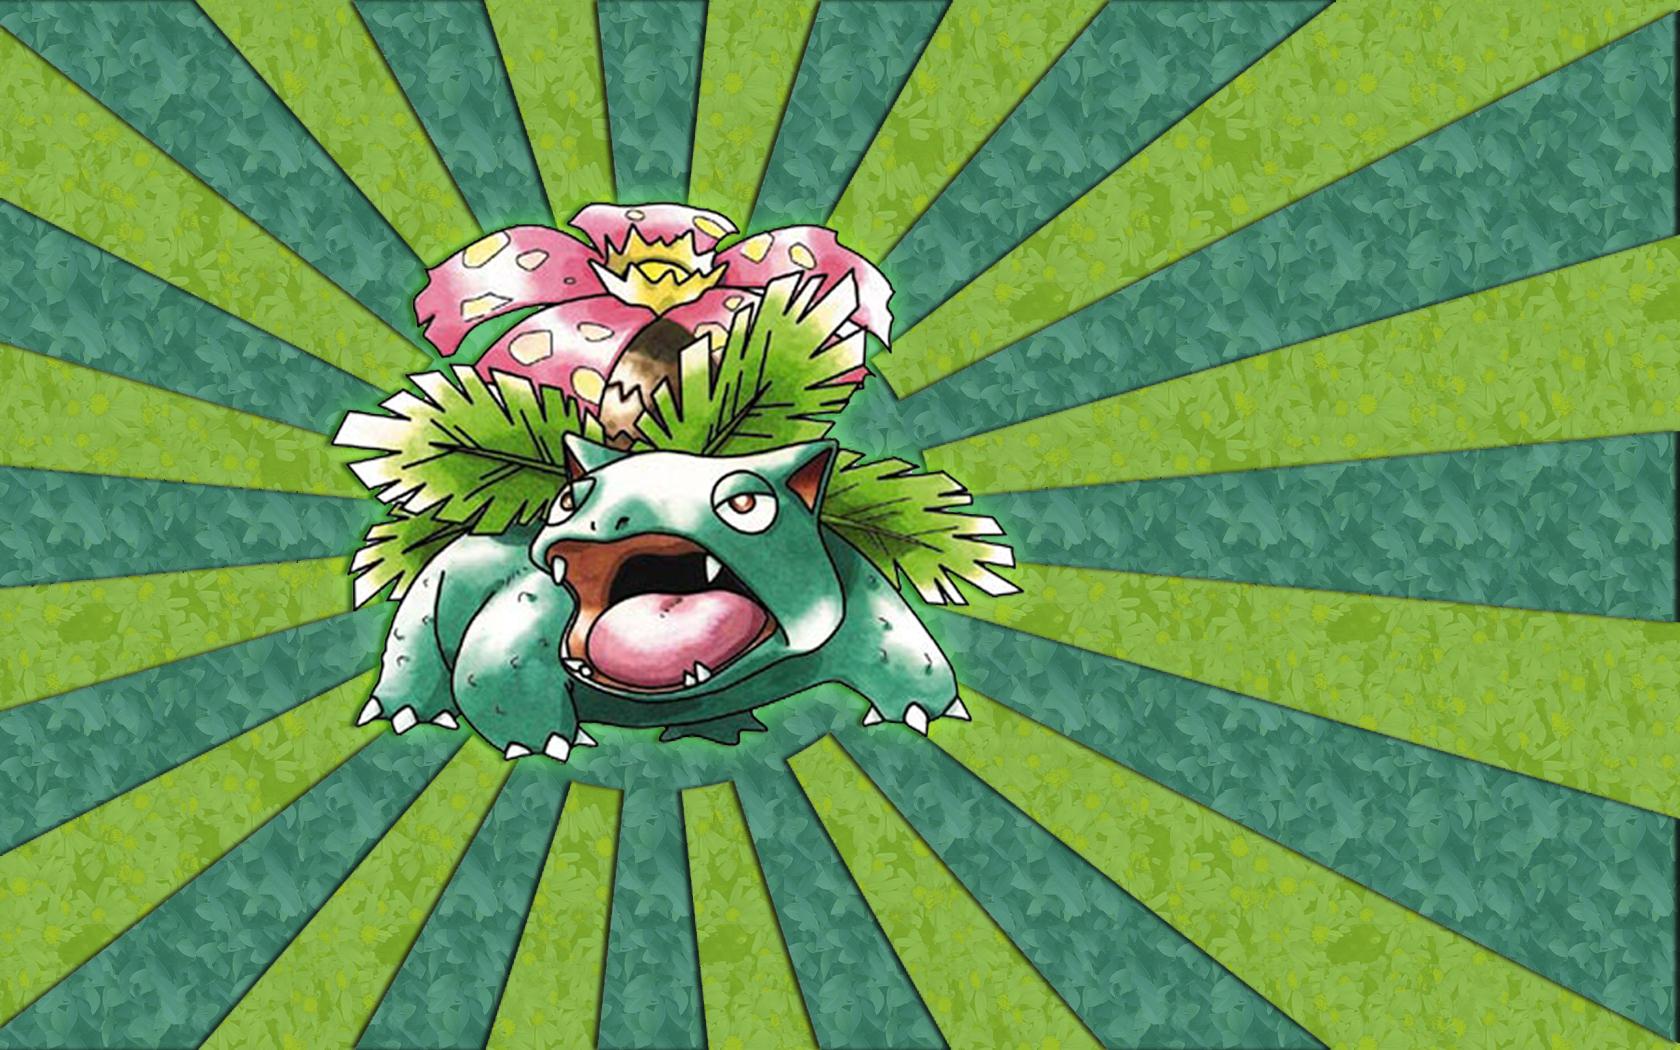 Wallpaper Illustration Anime Artwork Green Cartoon